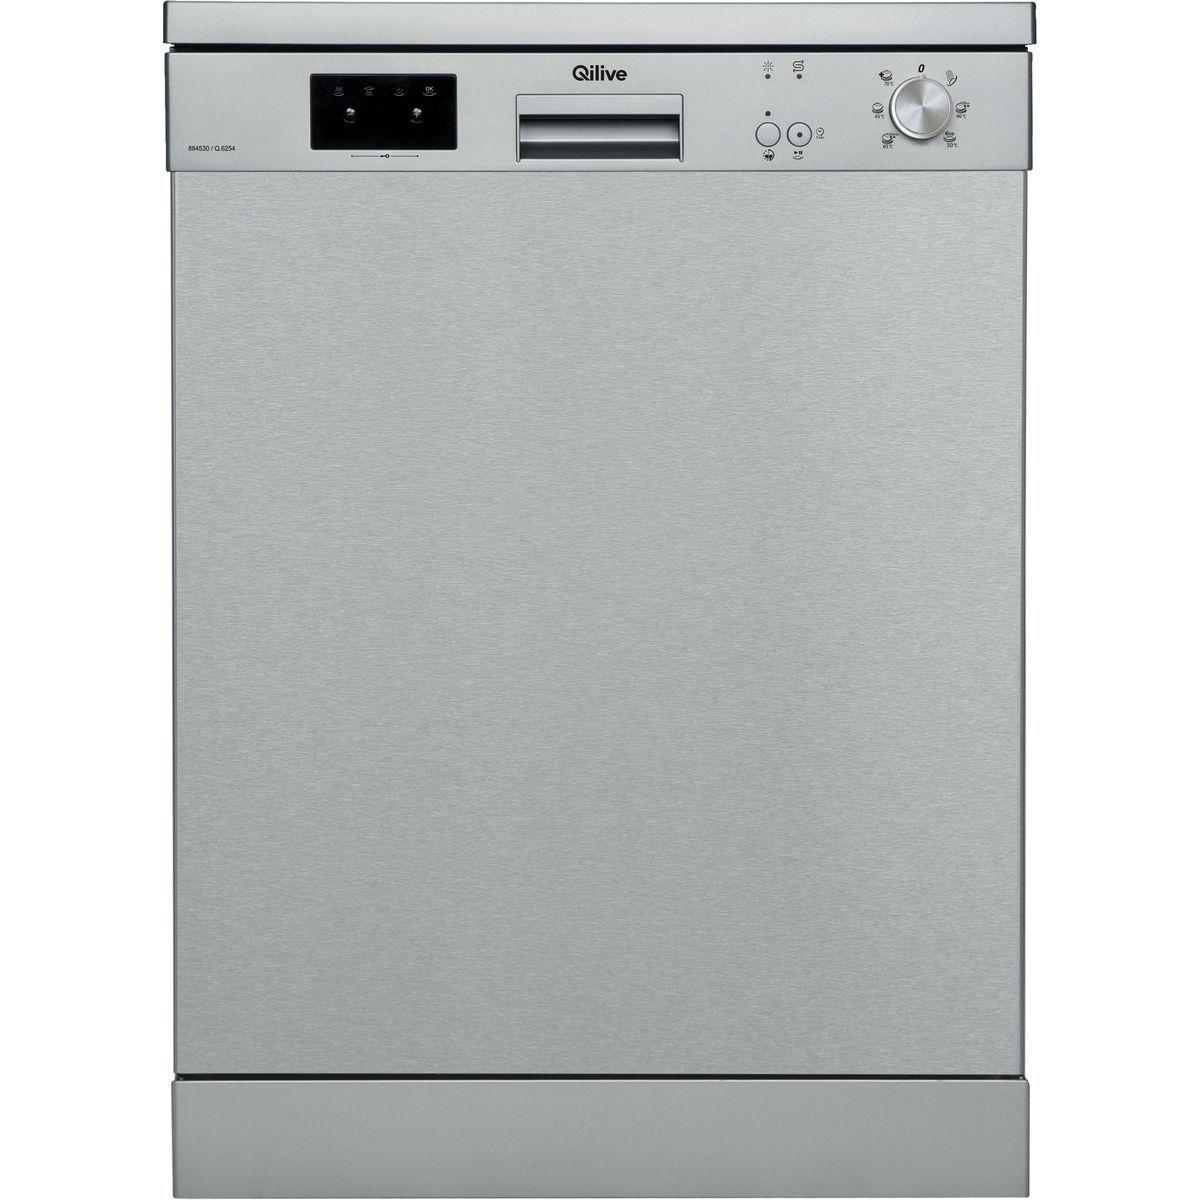 Lave vaisselle non encastrable Q.6254, 12 couverts, 59.8 cm, 45 dB, 6 programmes